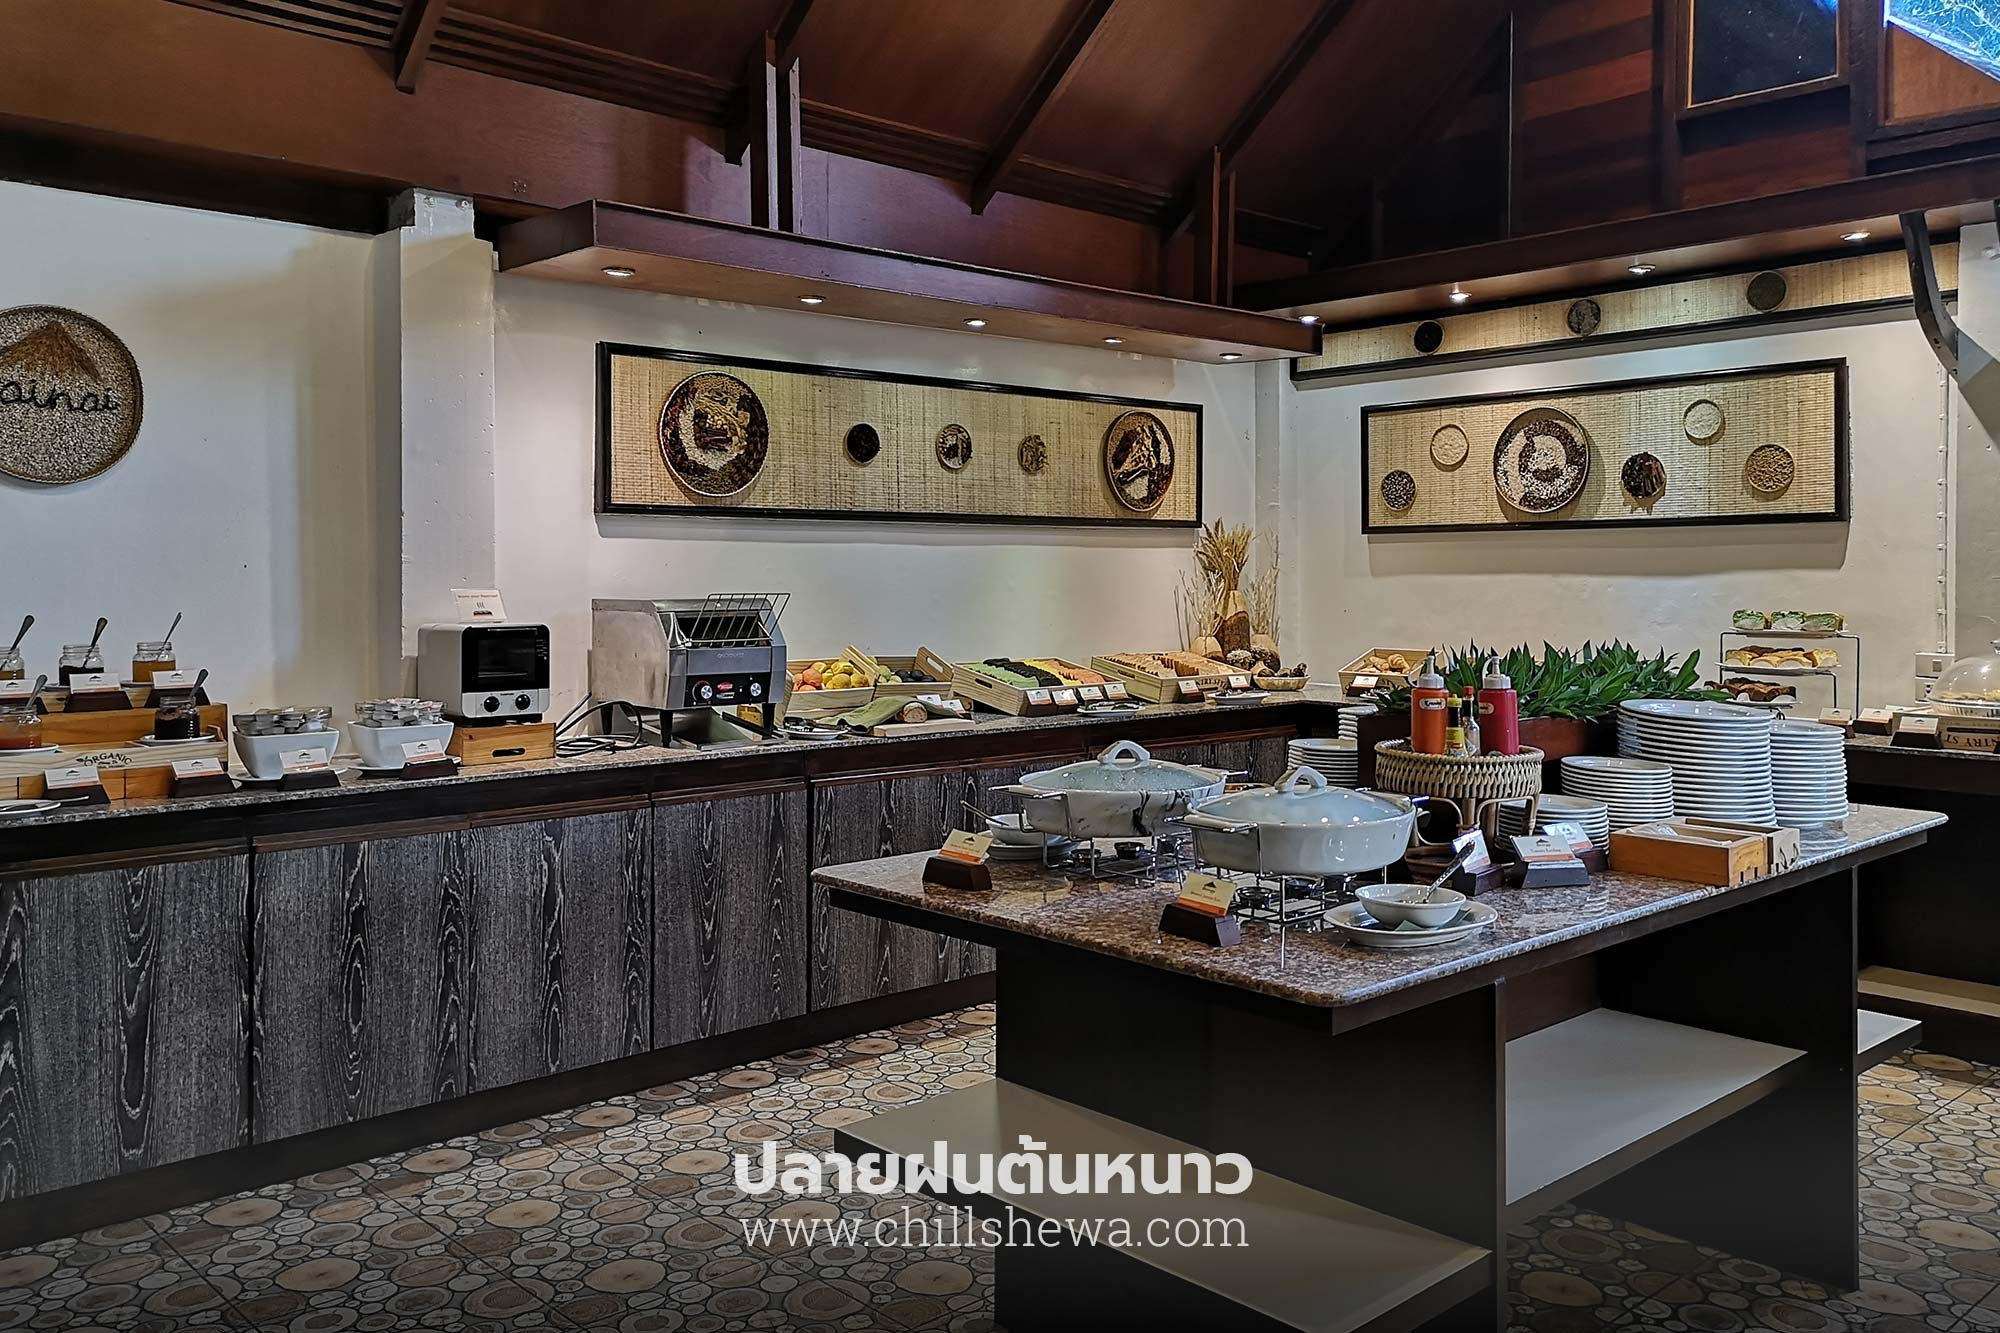 บ้านใสใน รีสอร์ท BAAN SAINAI RESORT  บ้านใสใน รีสอร์ท Ban Sainai Resort อ่าวนาง กระบี่                                                BAAN SAINAI RESORT 09